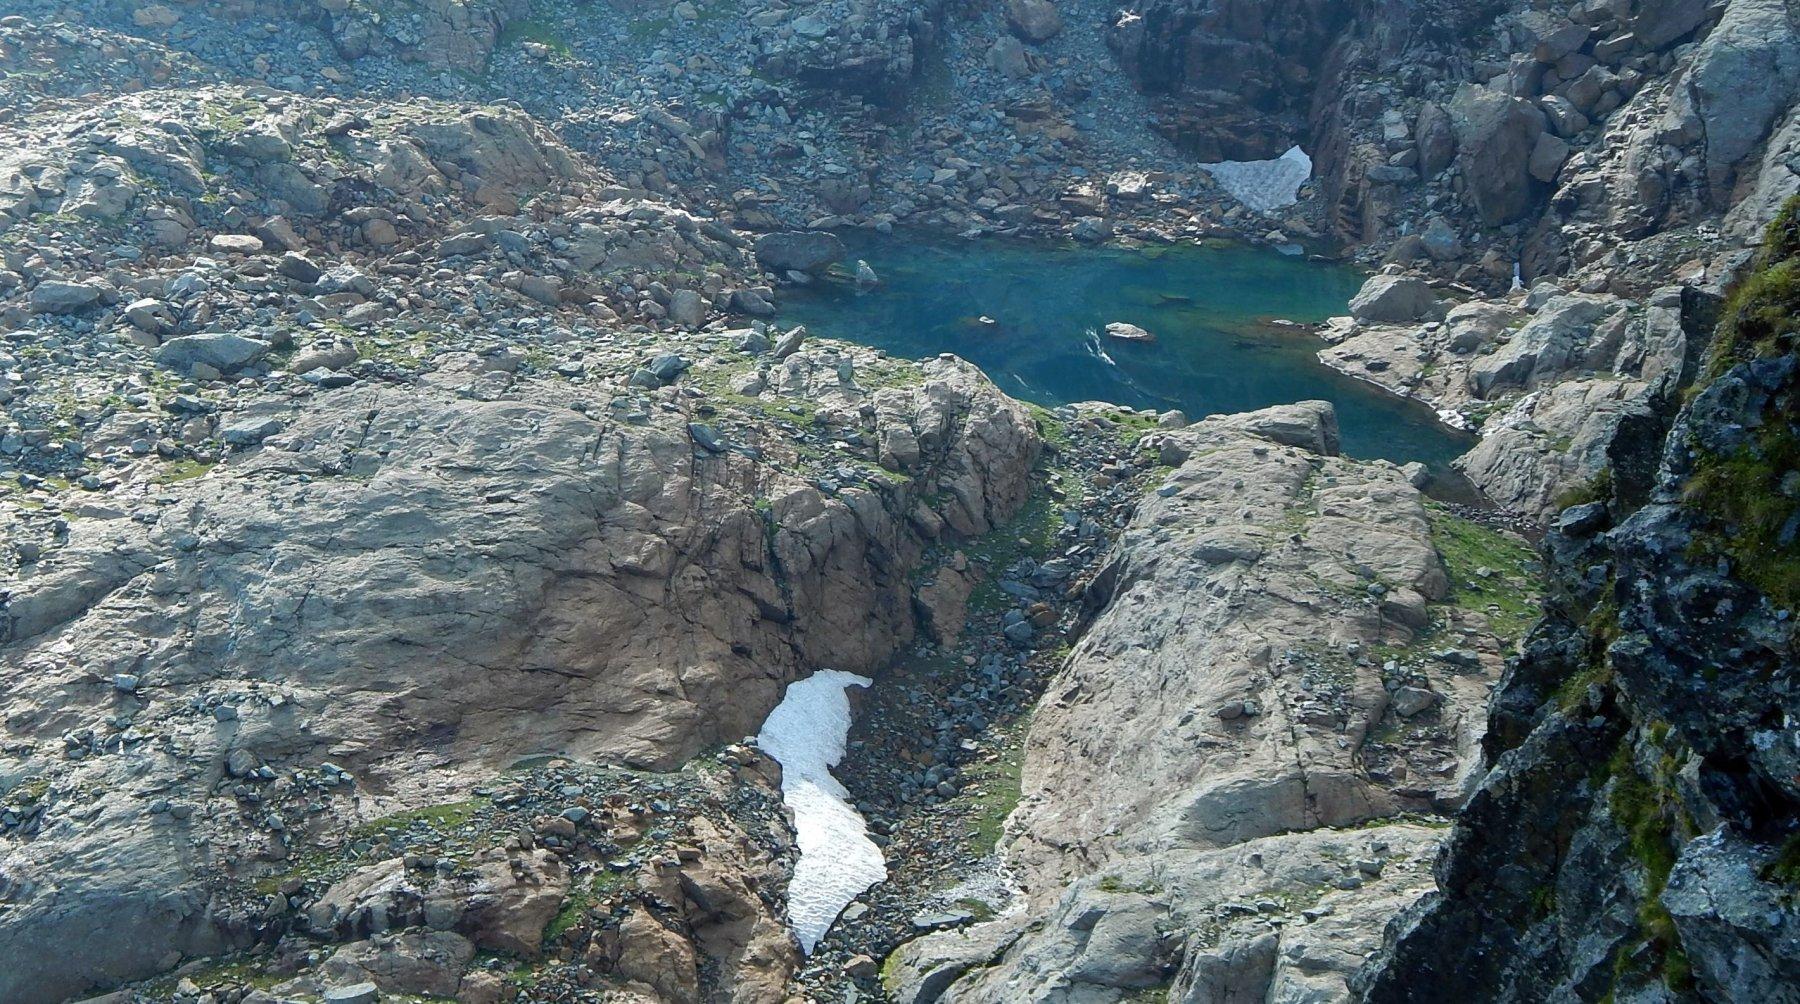 Uno dei laghi Bianchi